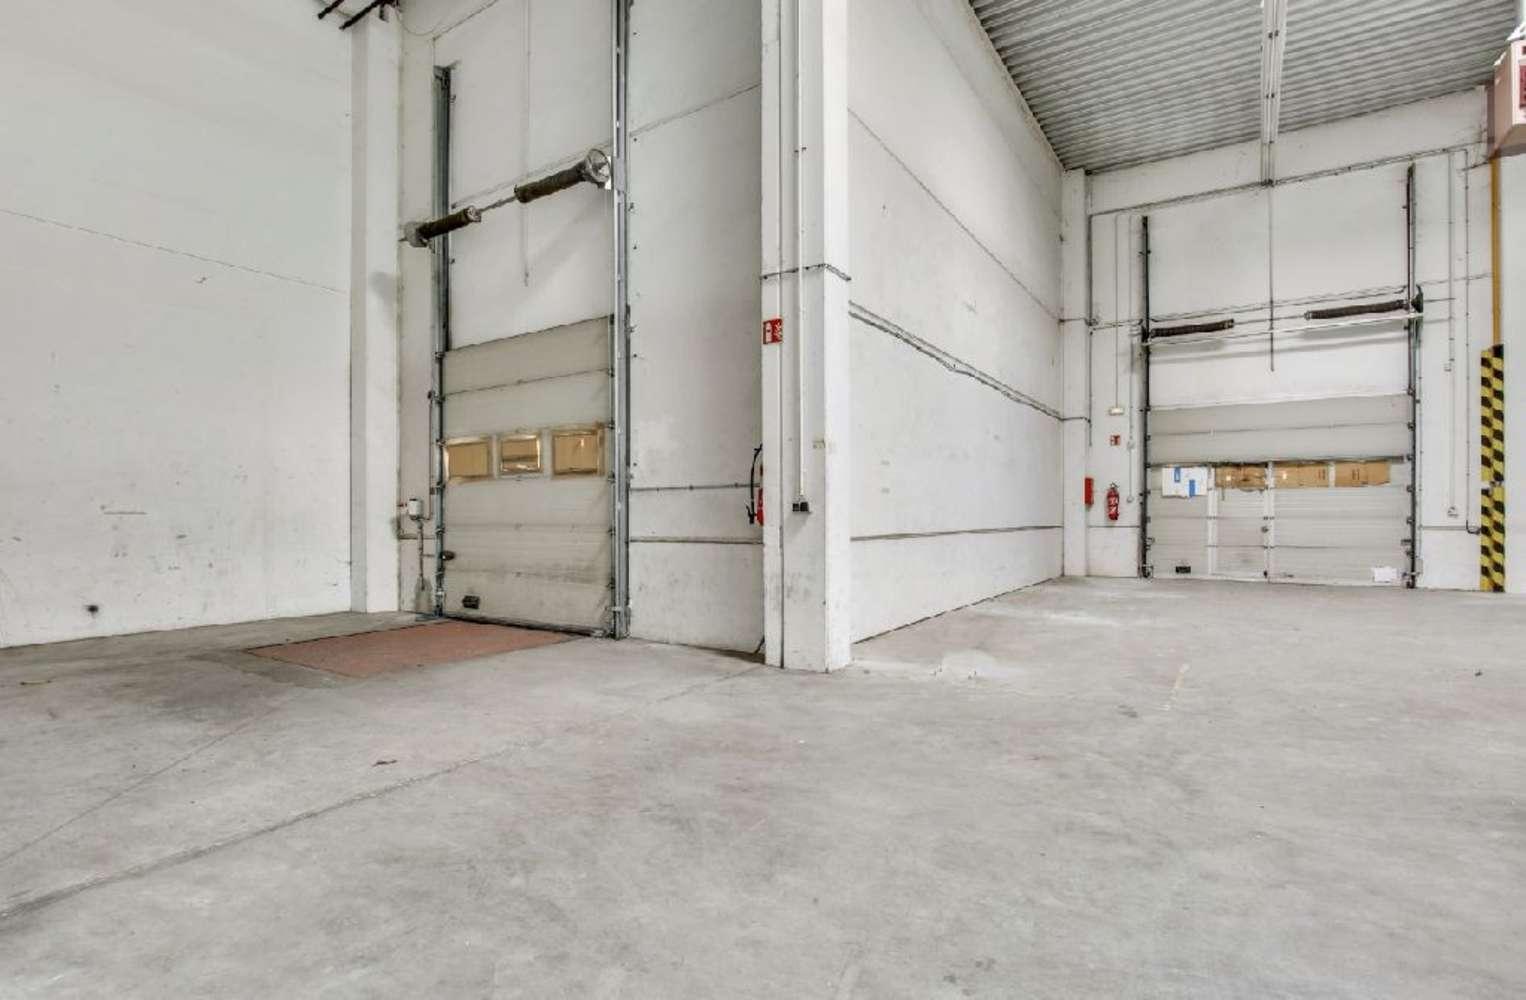 Activités/entrepôt Goussainville, 95190 - EIFFEL PARK - 9602064